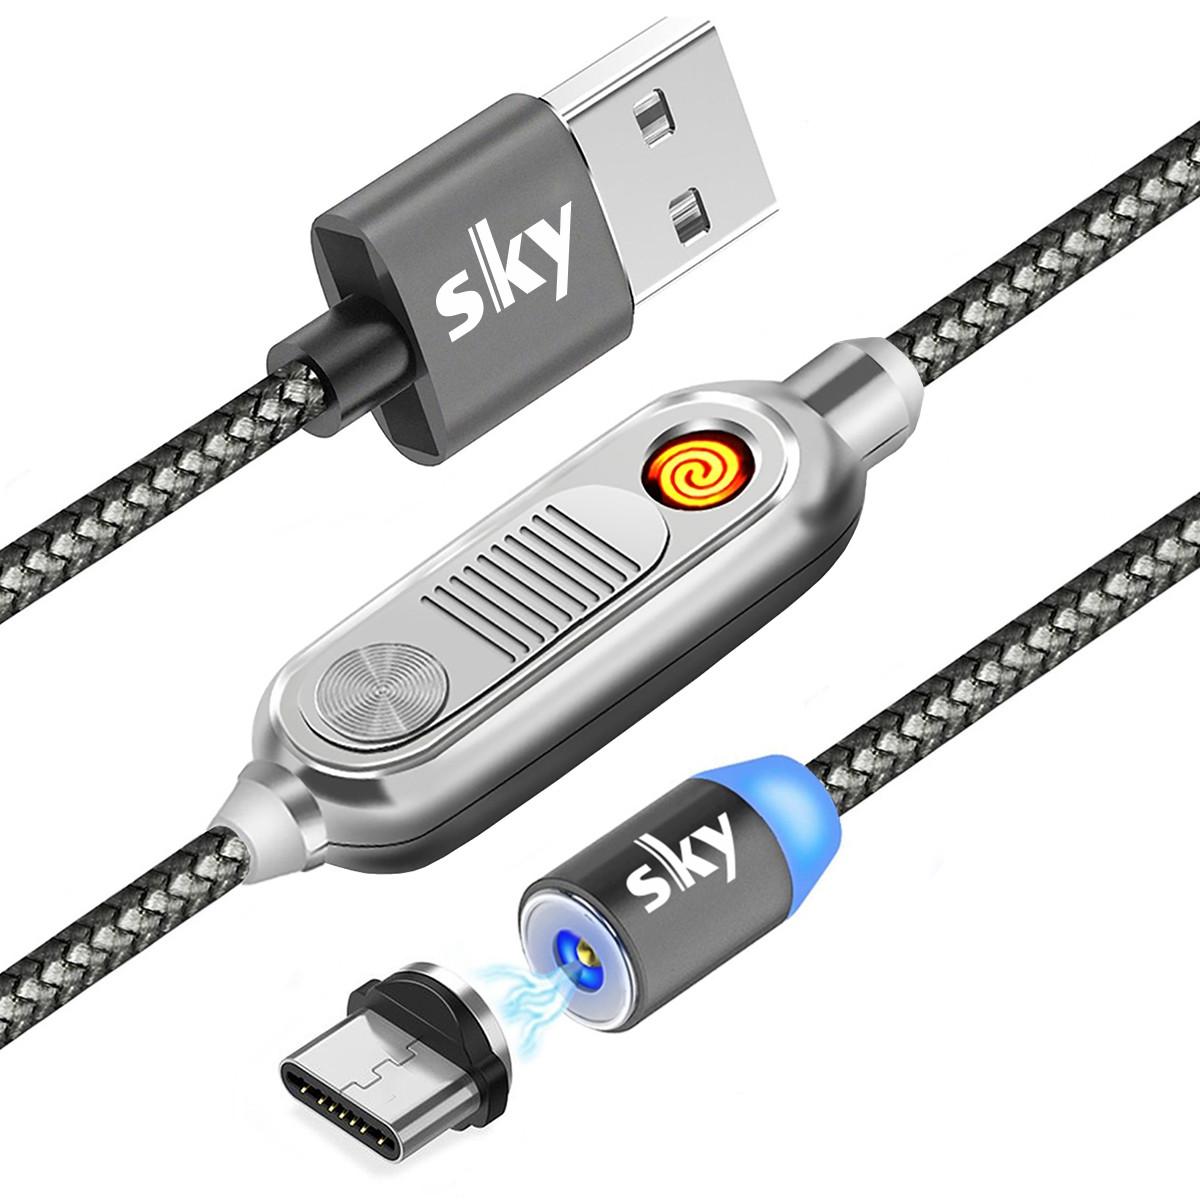 Кабель магнитный USB SKY с прикуривателем (R ZIP-line) Type-C (120 см) Grey